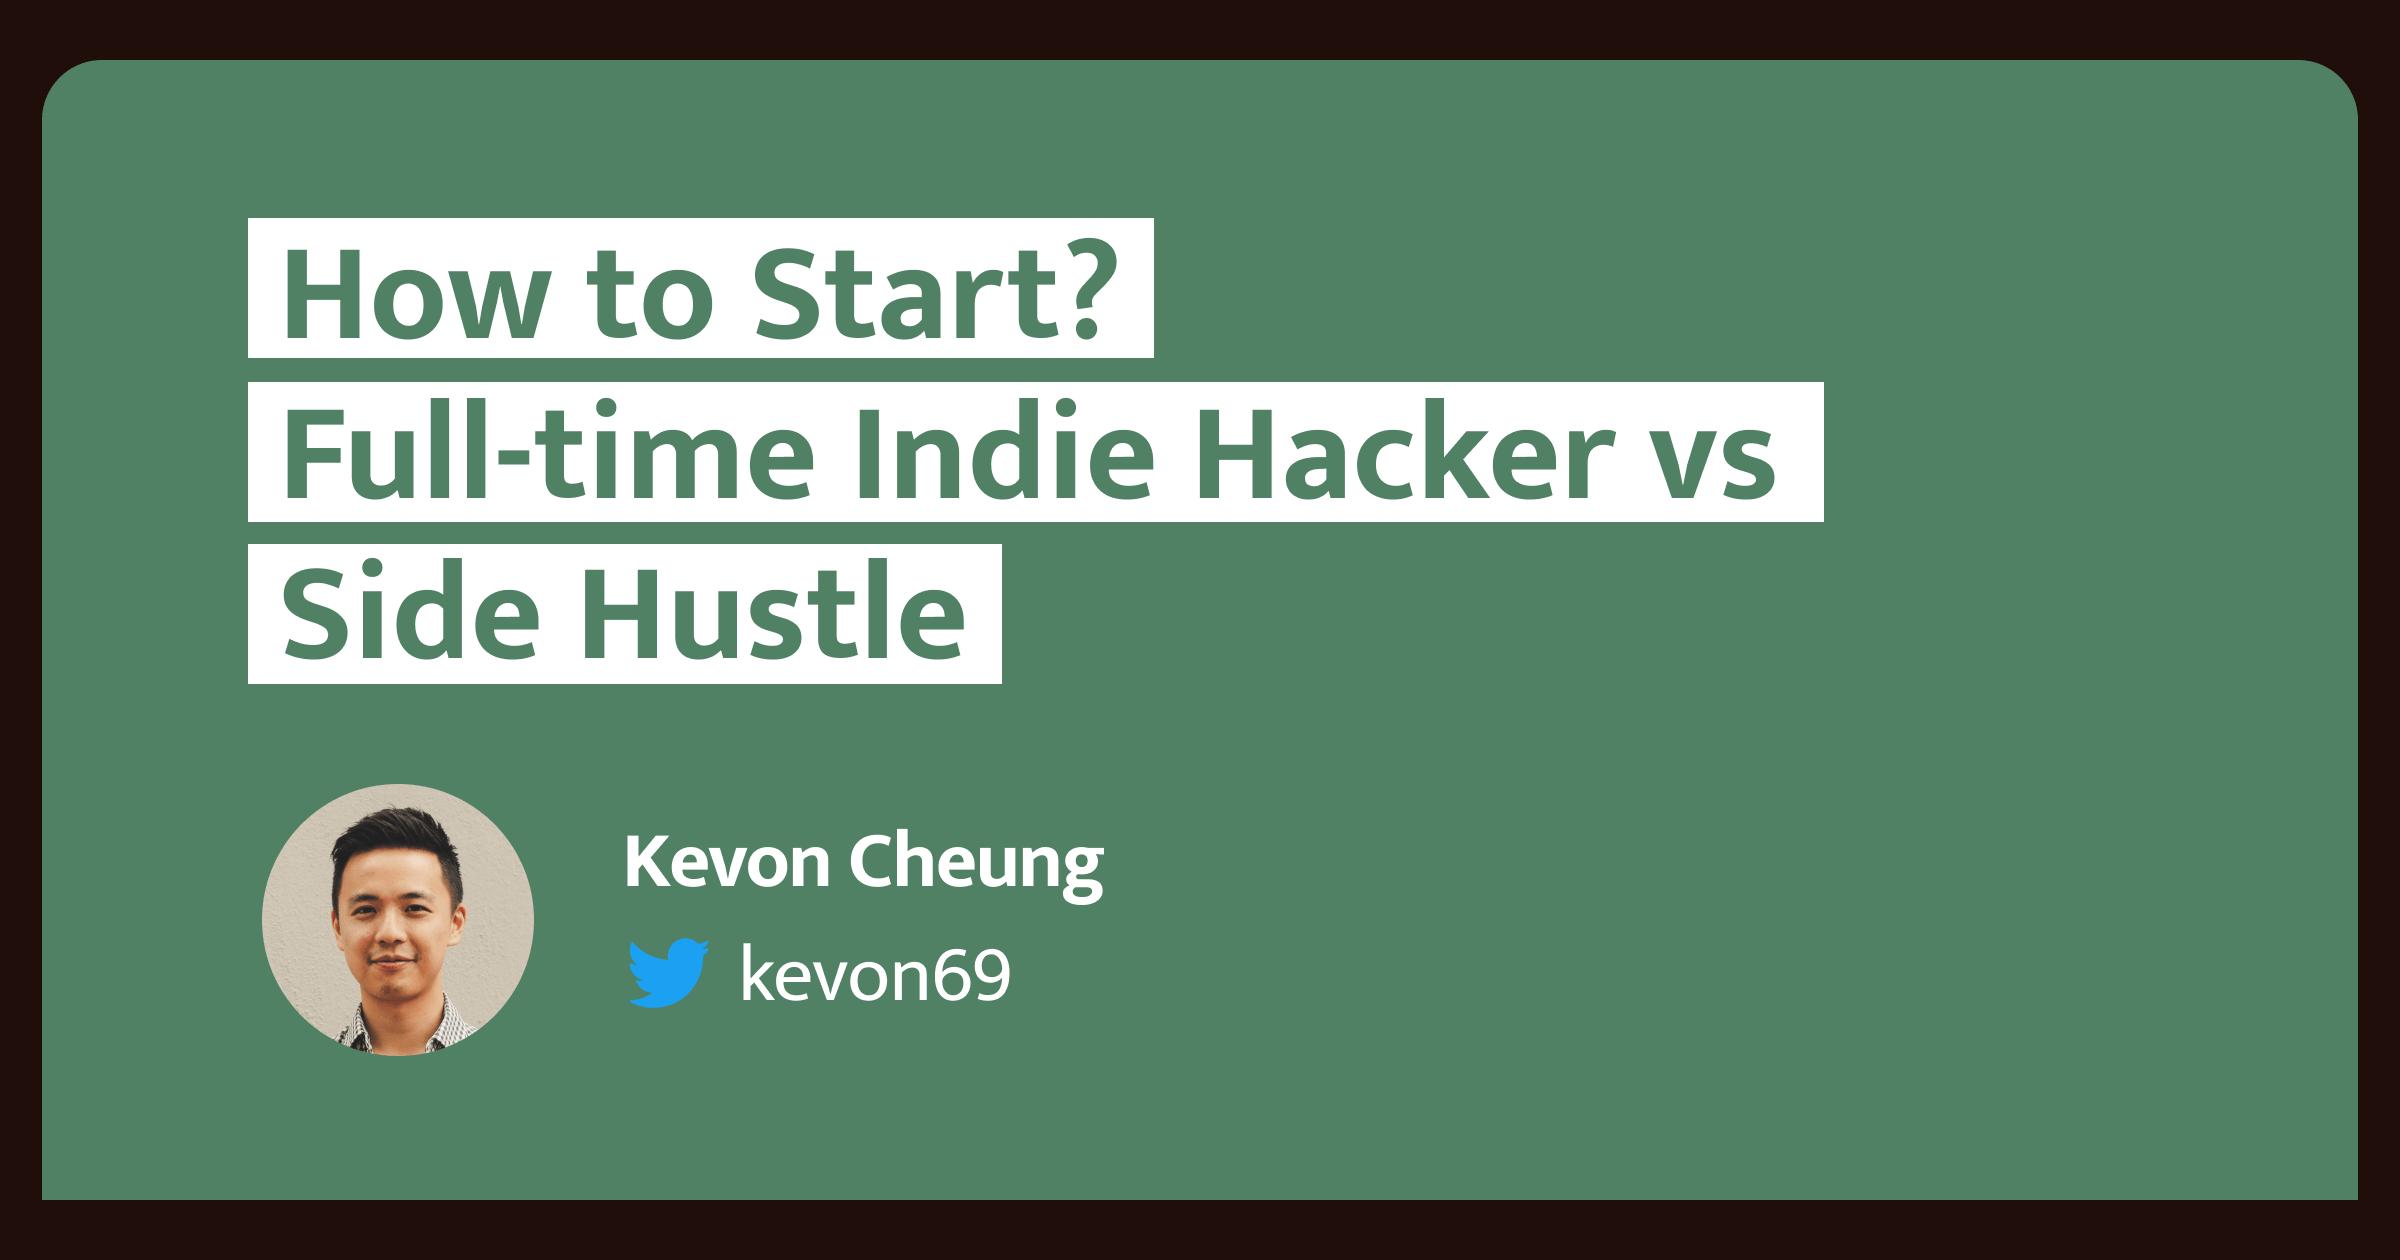 How to Start? Full-time Indie Hacker vs Side Hustle